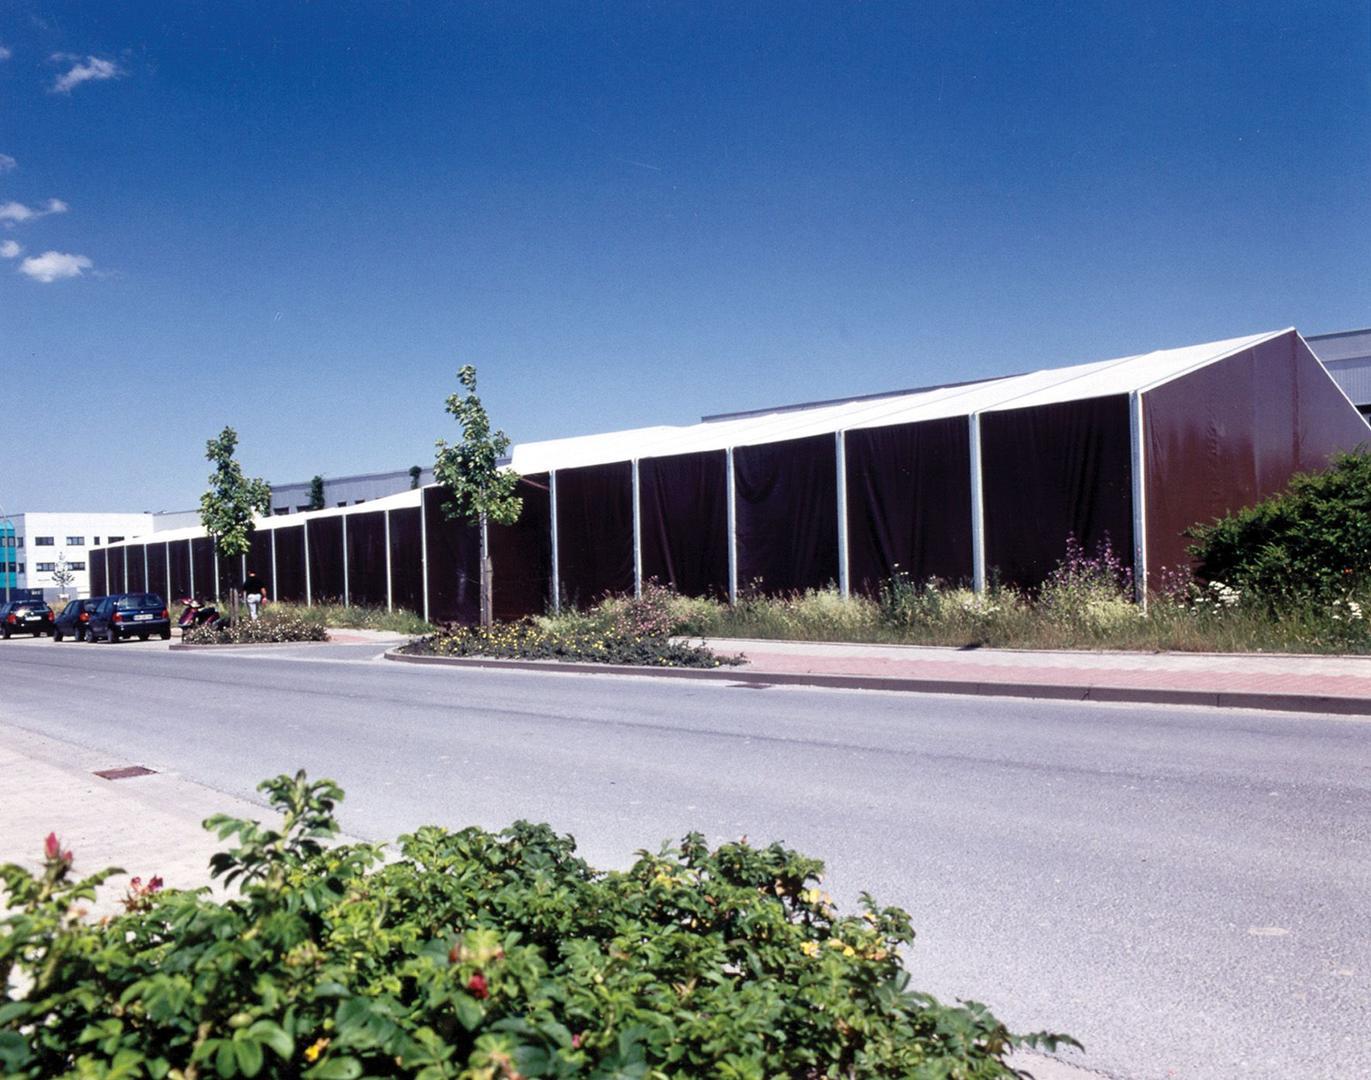 Lagerzelt mieten & vermieten - Leichtbauhalle, Lagerhalle, Lagerzelt 17,50x55m in Reinstädt